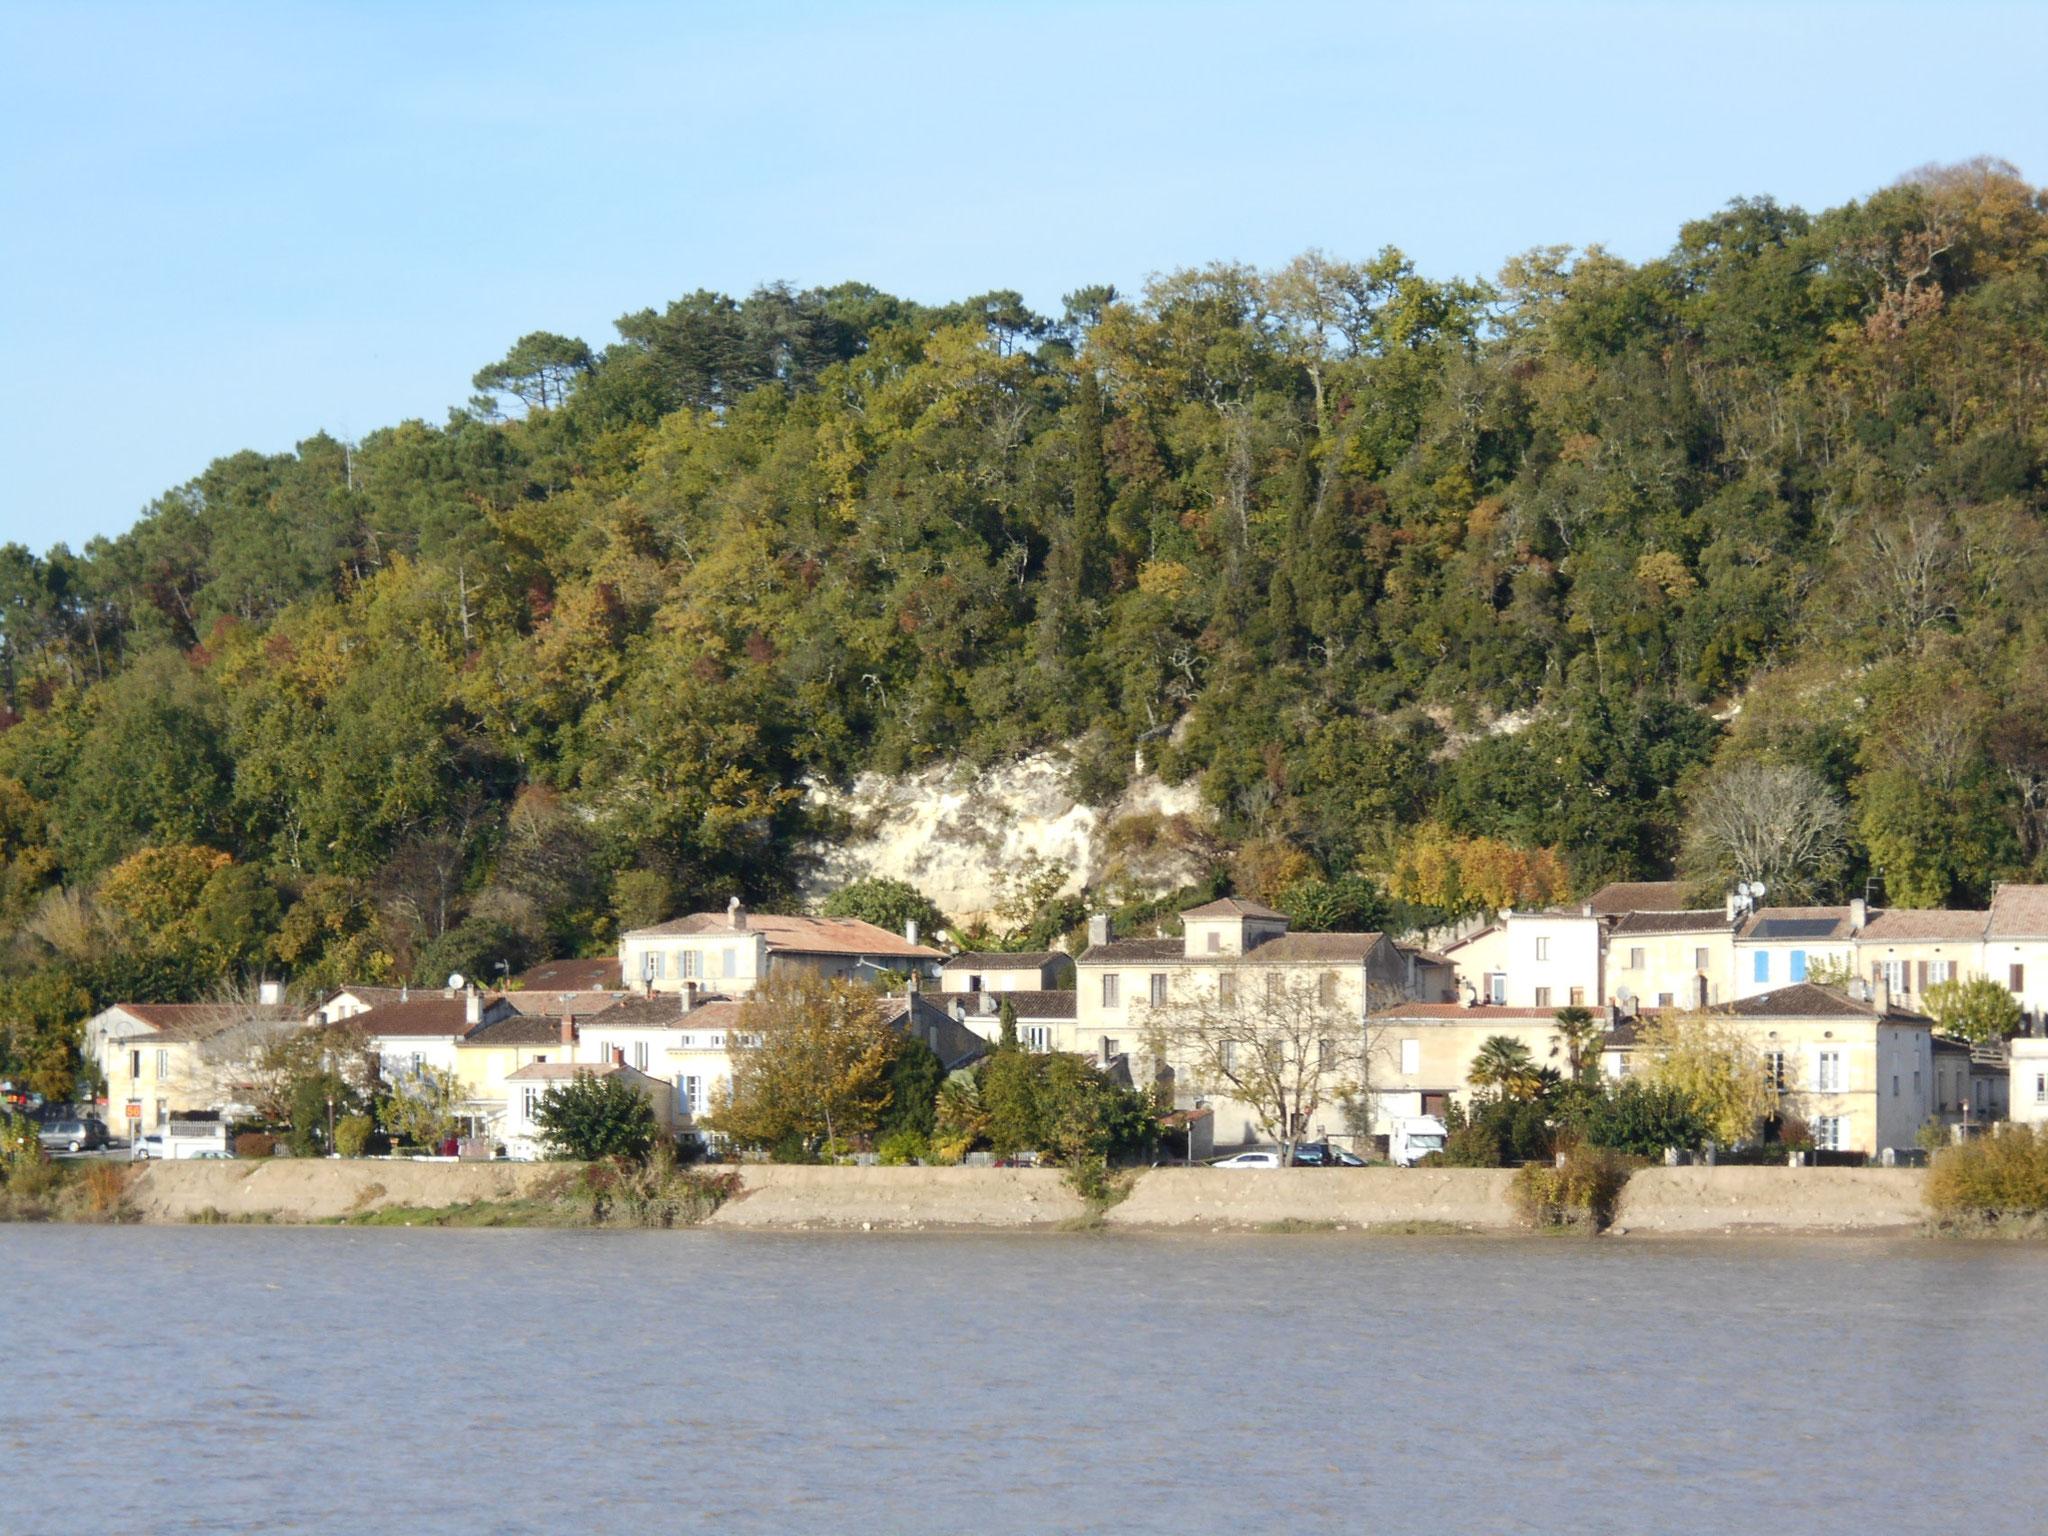 Lecture de paysage : le village de Cambes en rive droite de la Garonne. Les élèves datent les éléments du paysage.